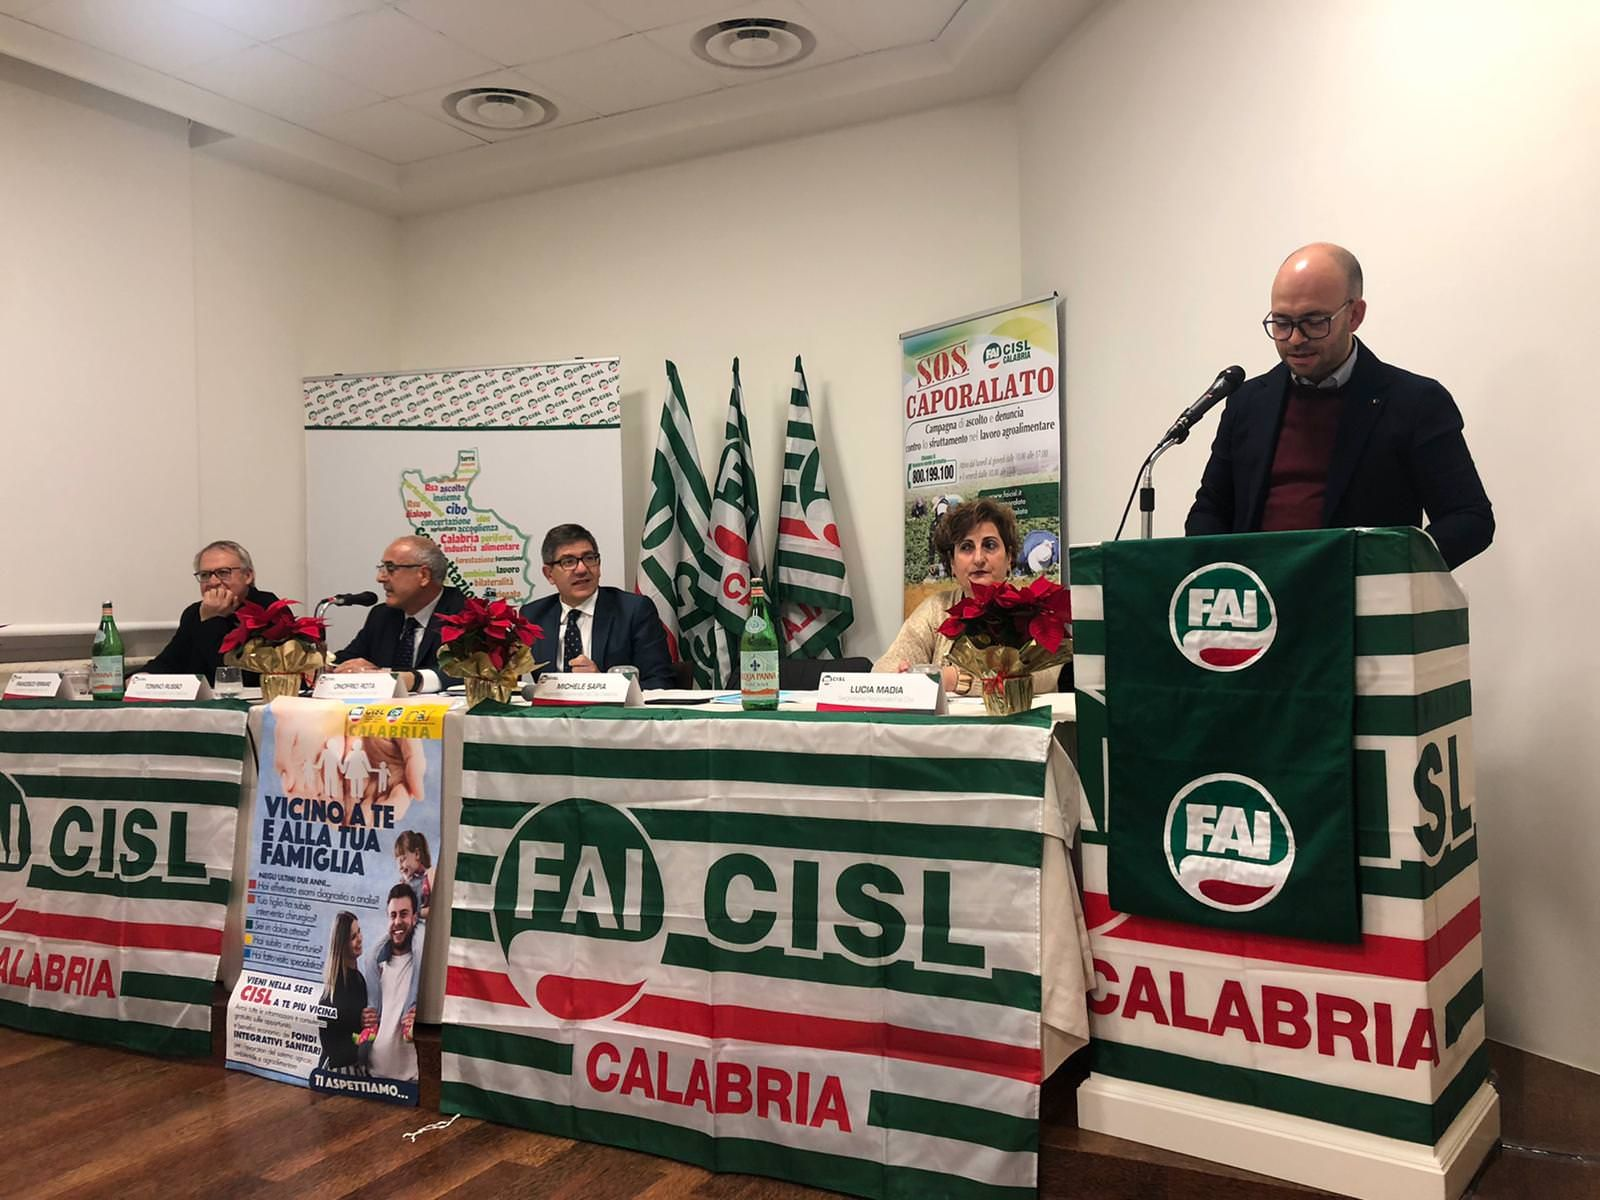 Forestazione, Sapia: «Non è tollerabile il taglio di fondi in Finanziaria per la Calabria»